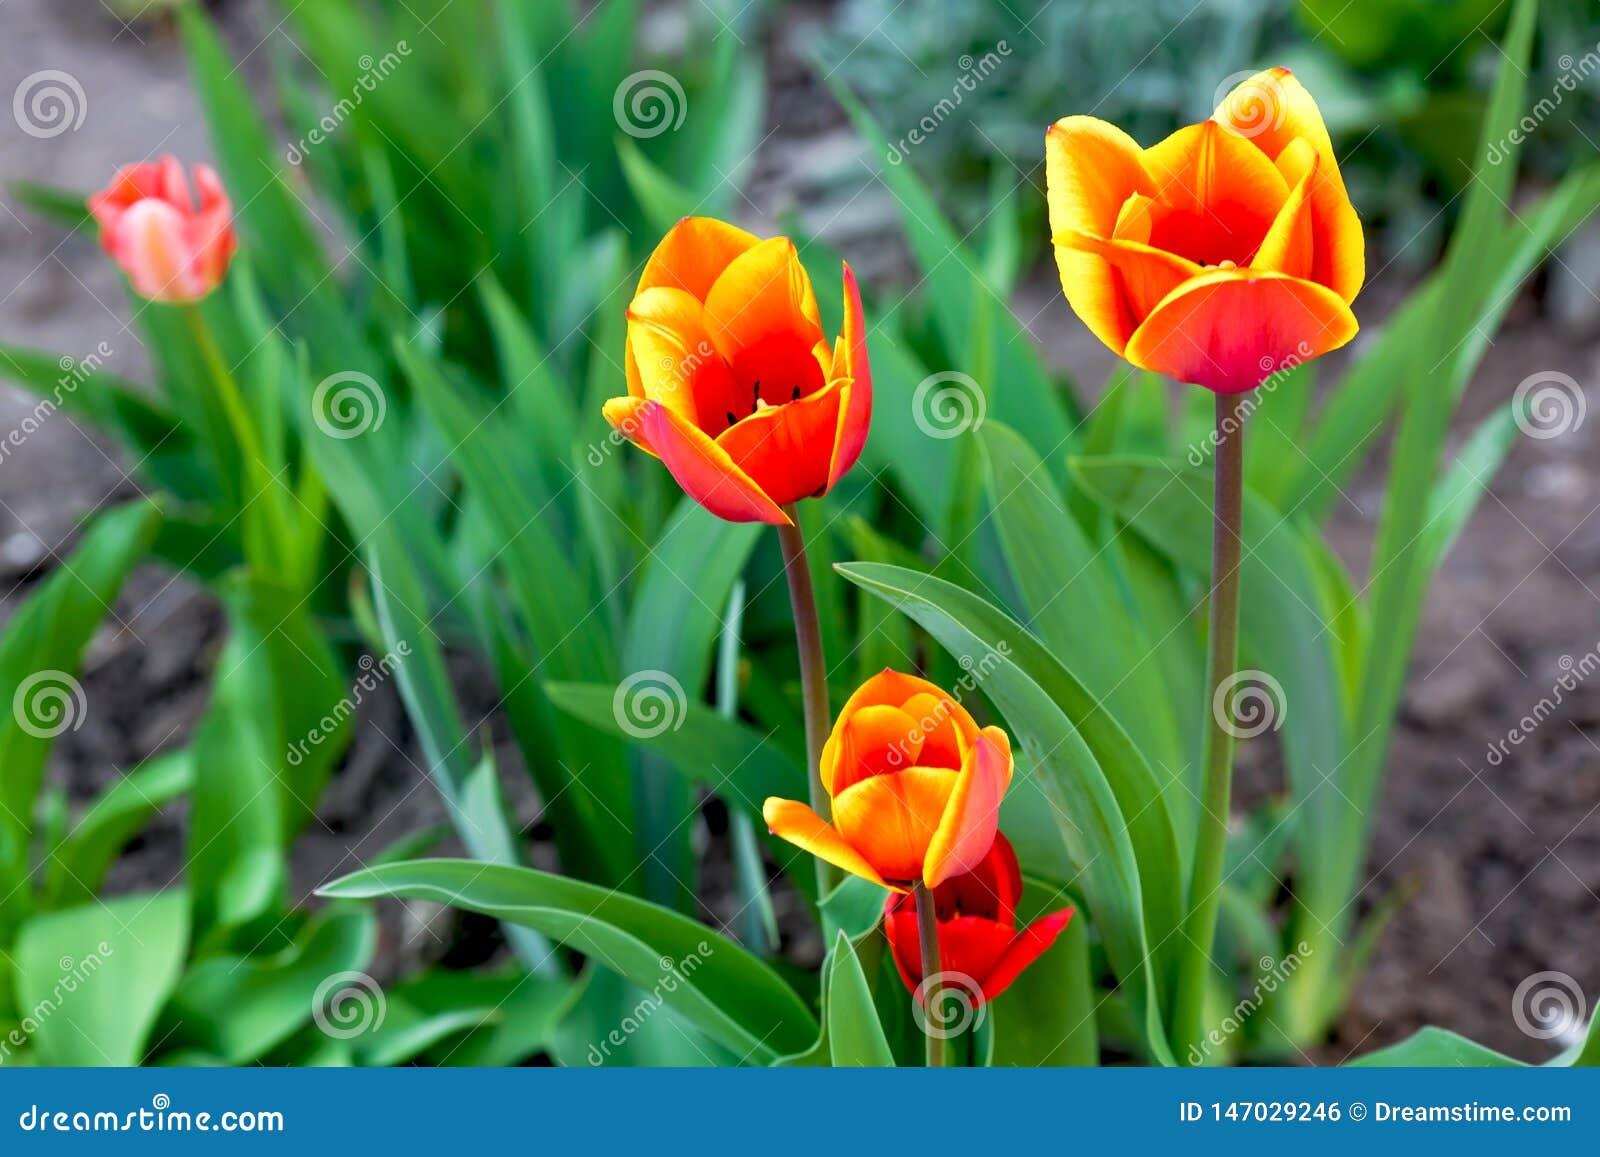 Gele en rode tulpen